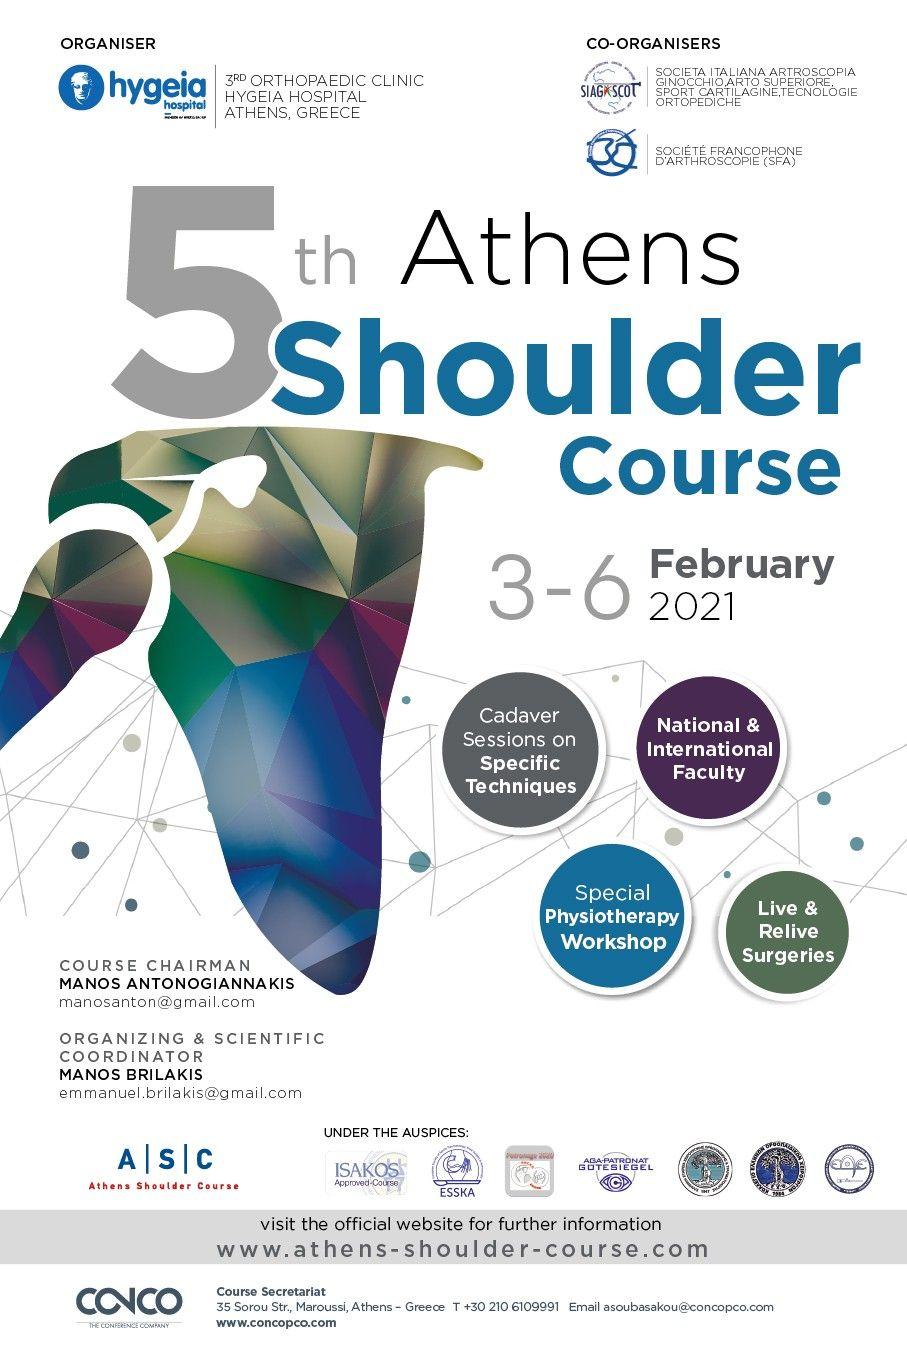 5th ATHENS SHOULDER COURSE